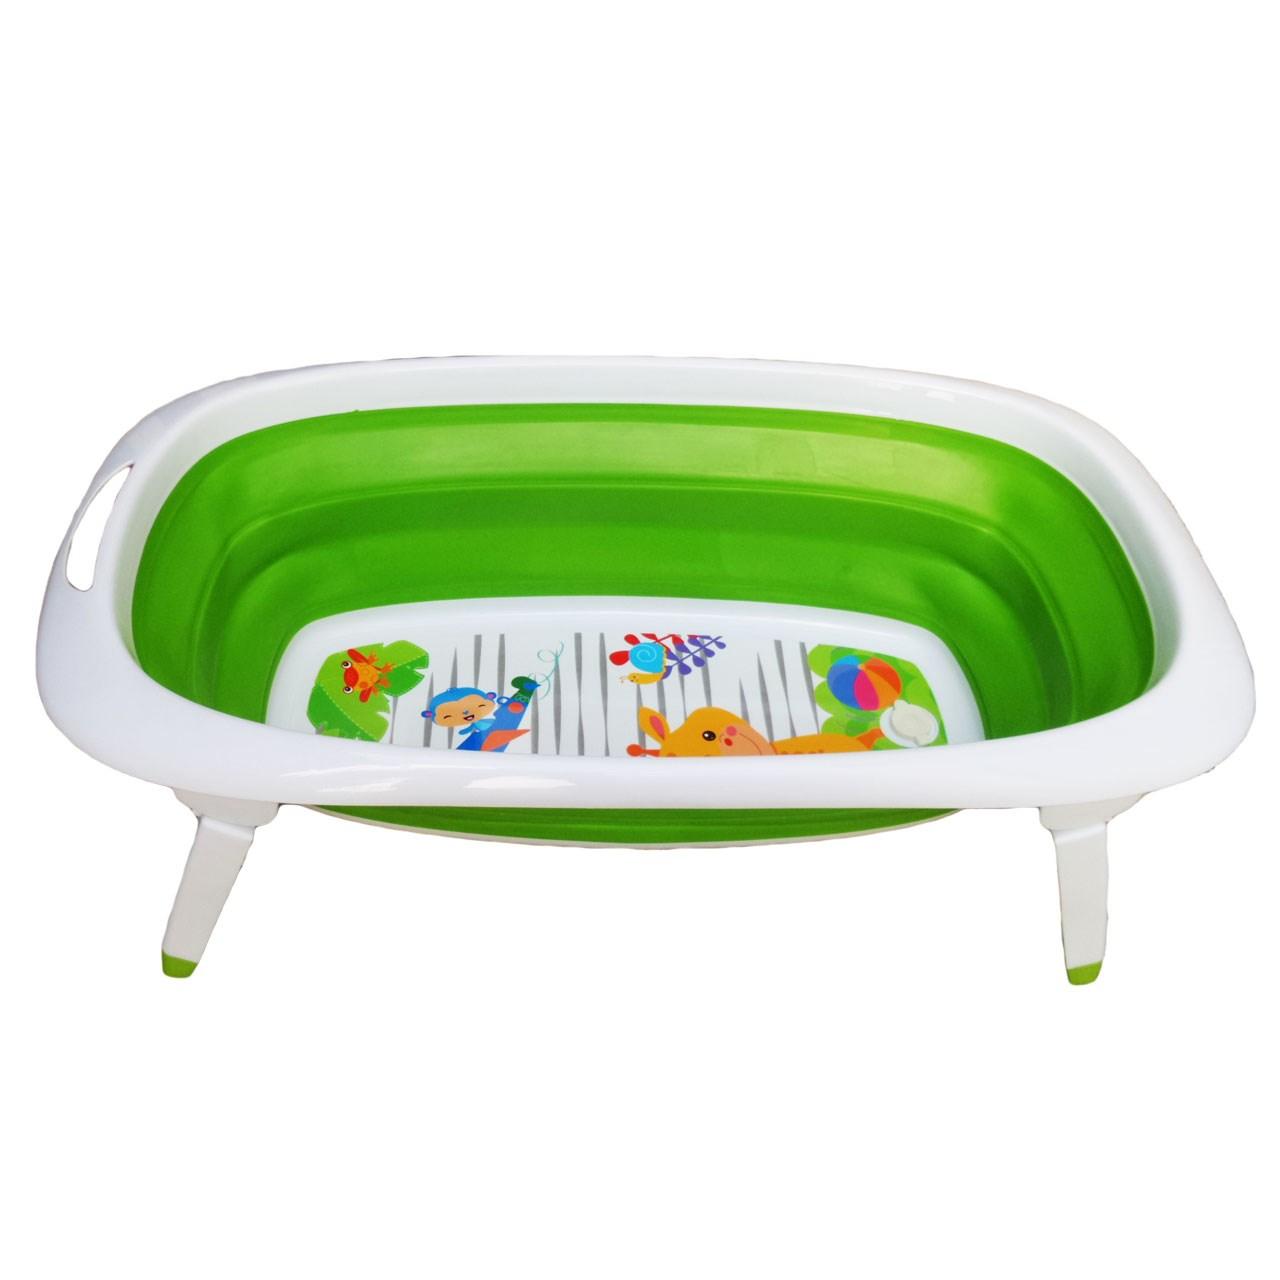 وان حمام کودک بیبی فور لایف مدل 66811-S